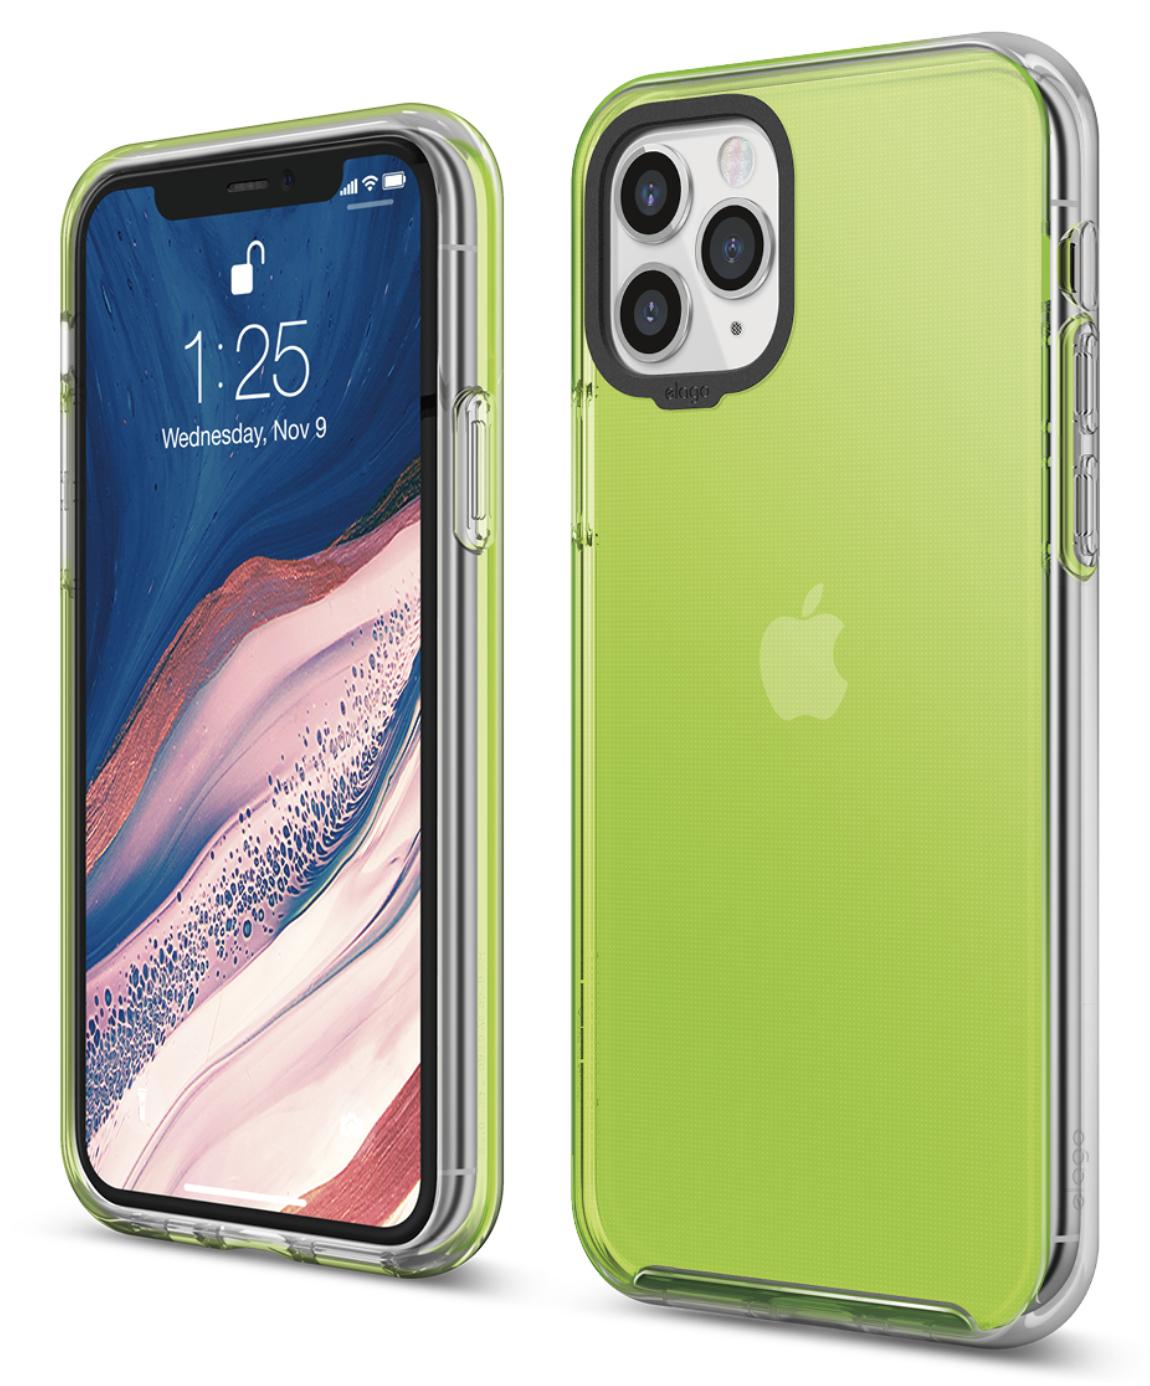 Hybrid Case big.png